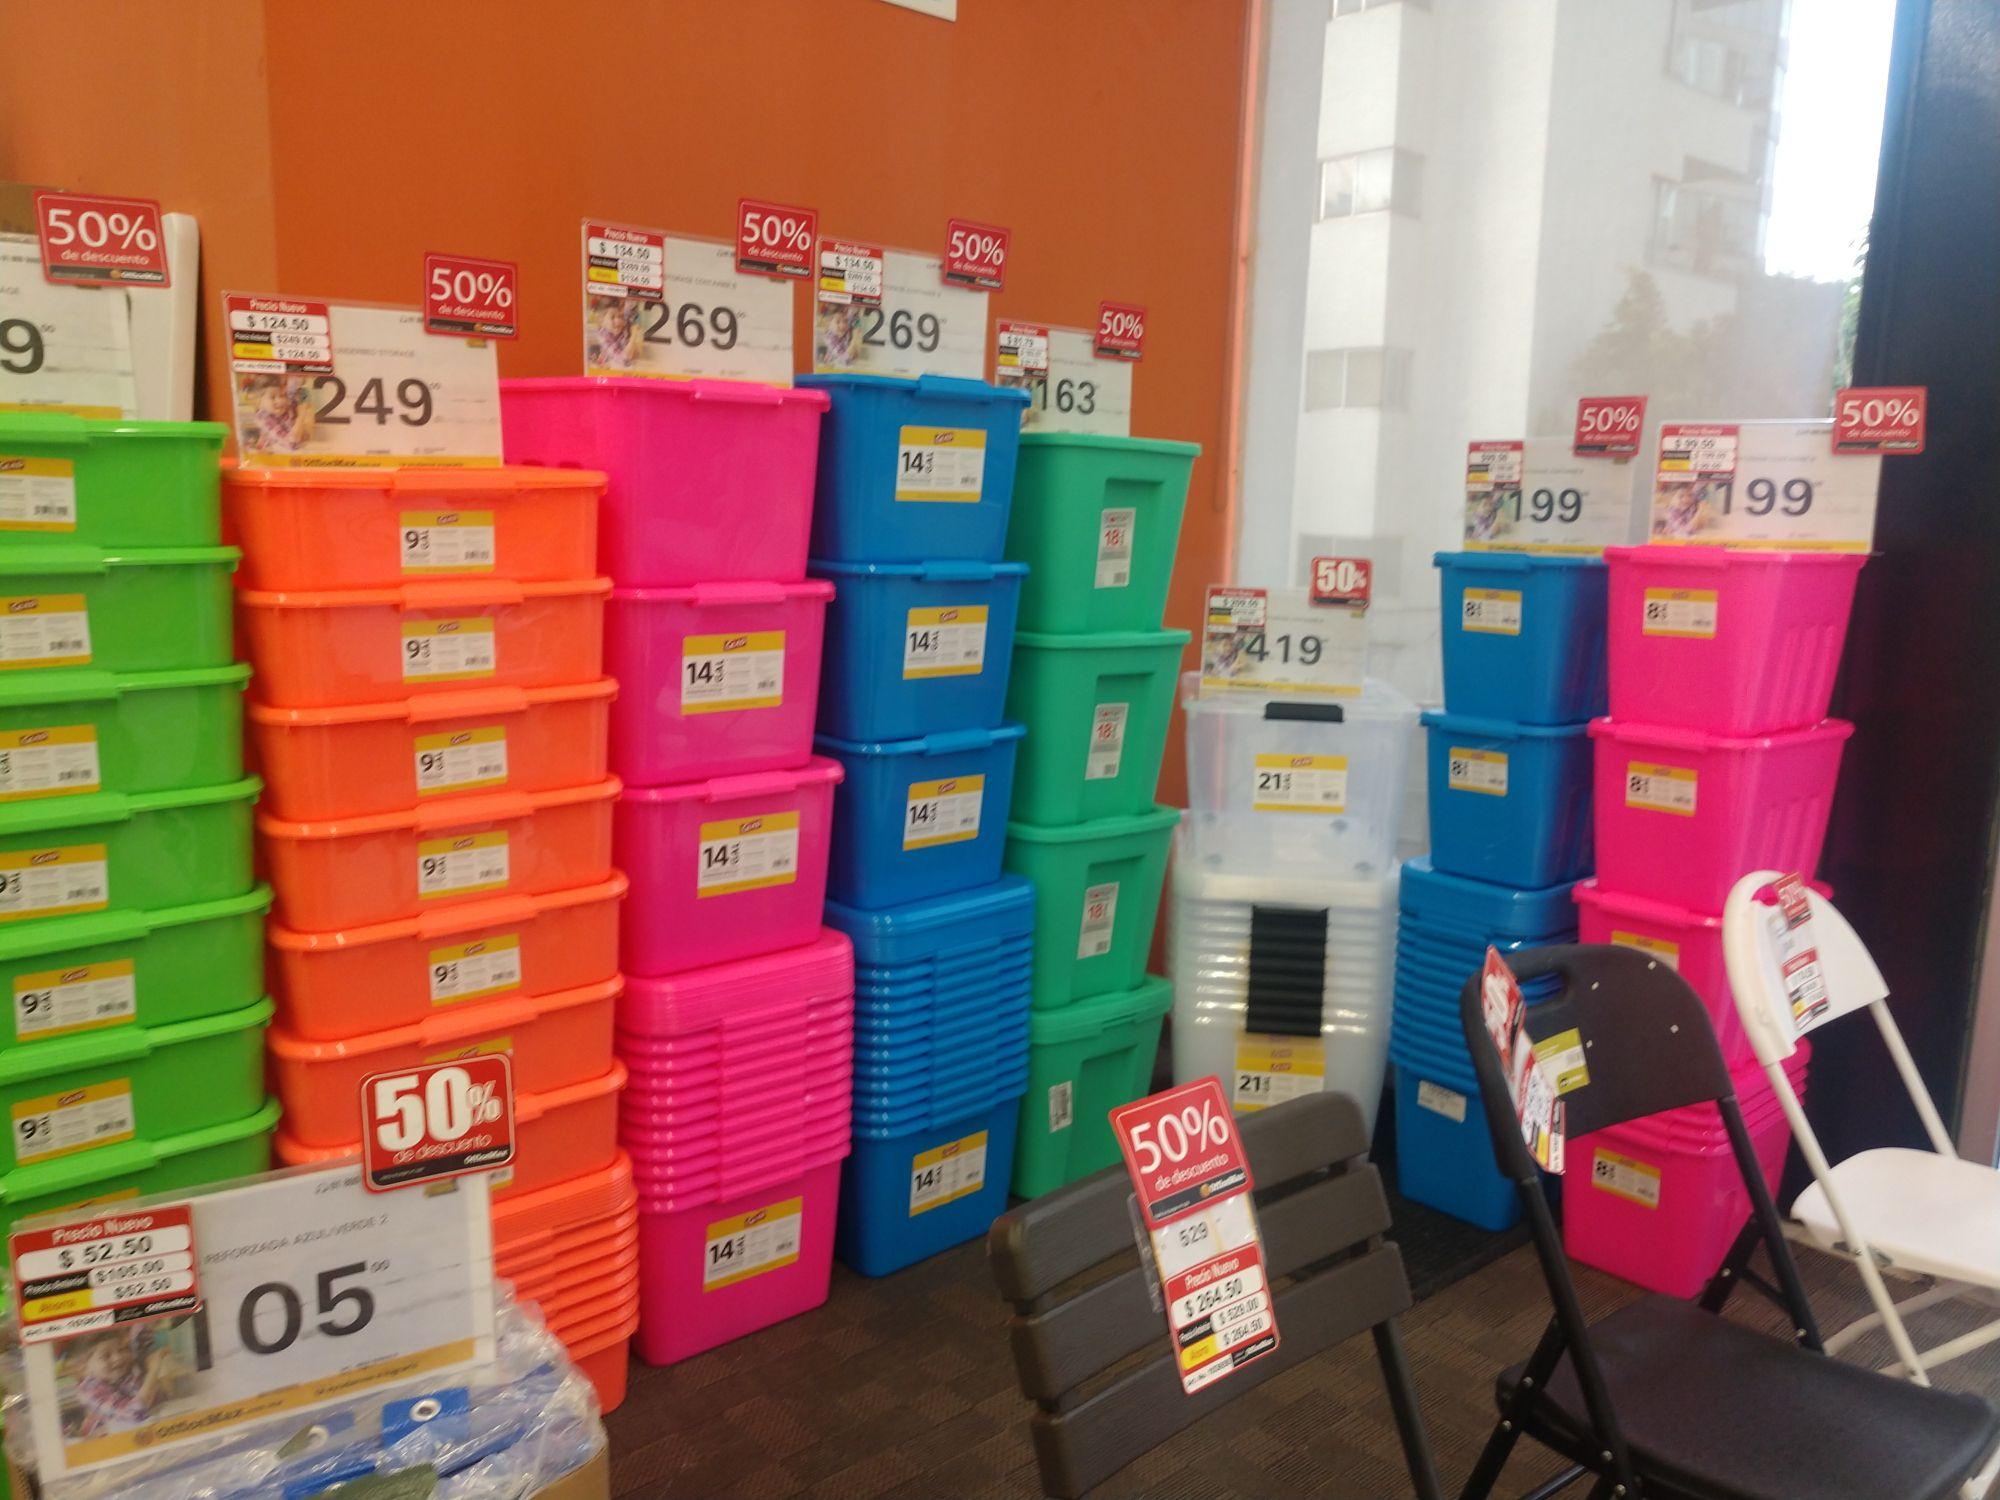 Cajas plásticas a mitad de precio, OfficeMax Condesa